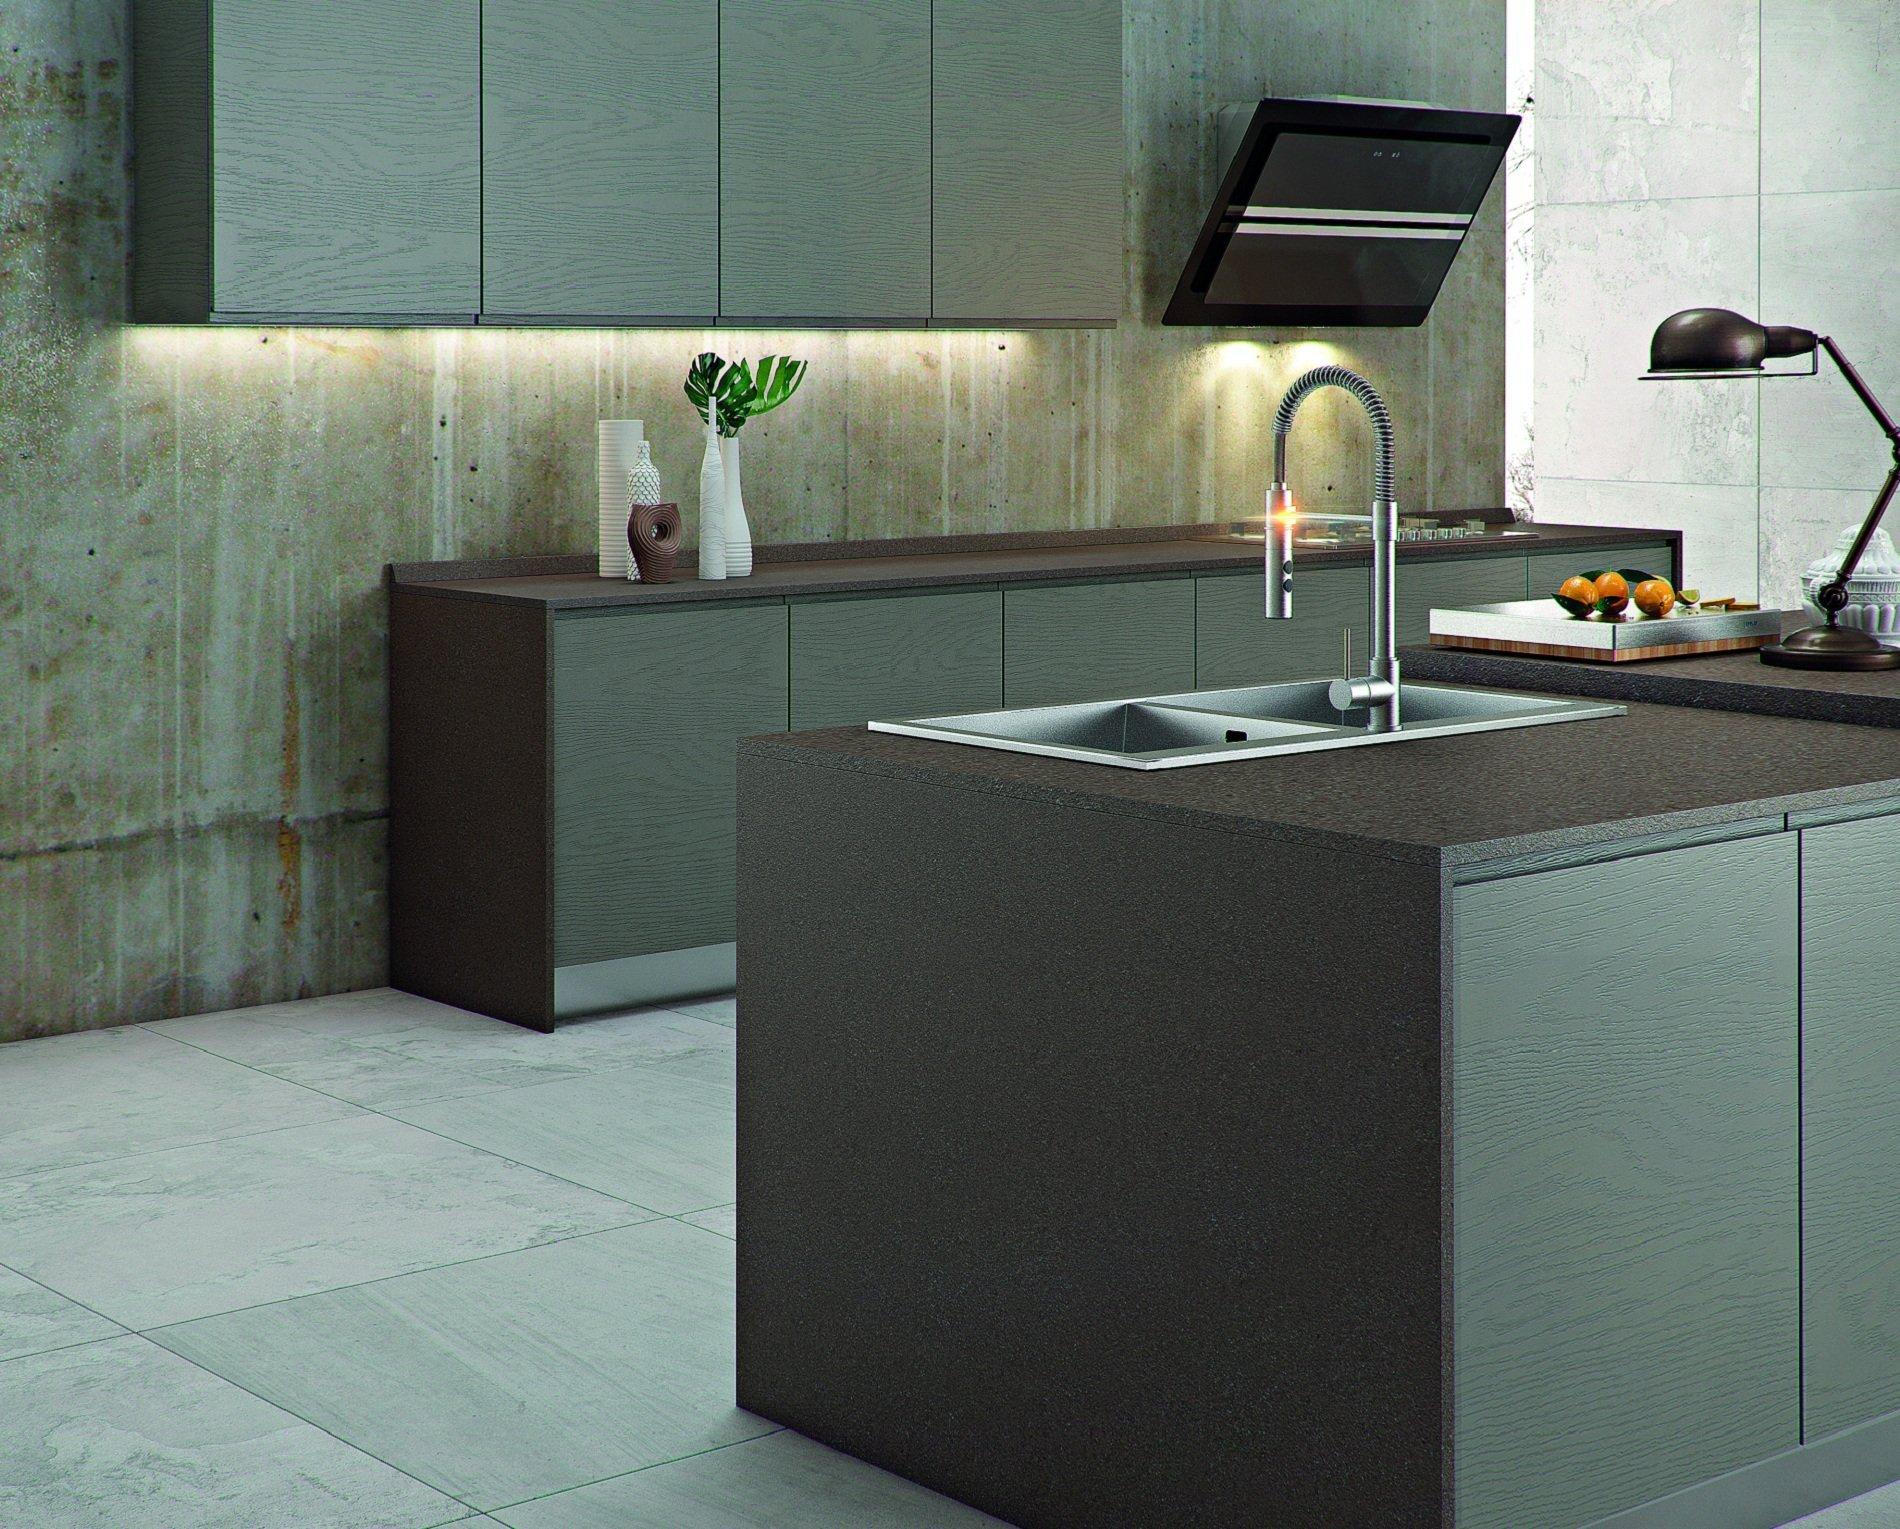 una cucina con penisola e doppi lavandini in acciaio